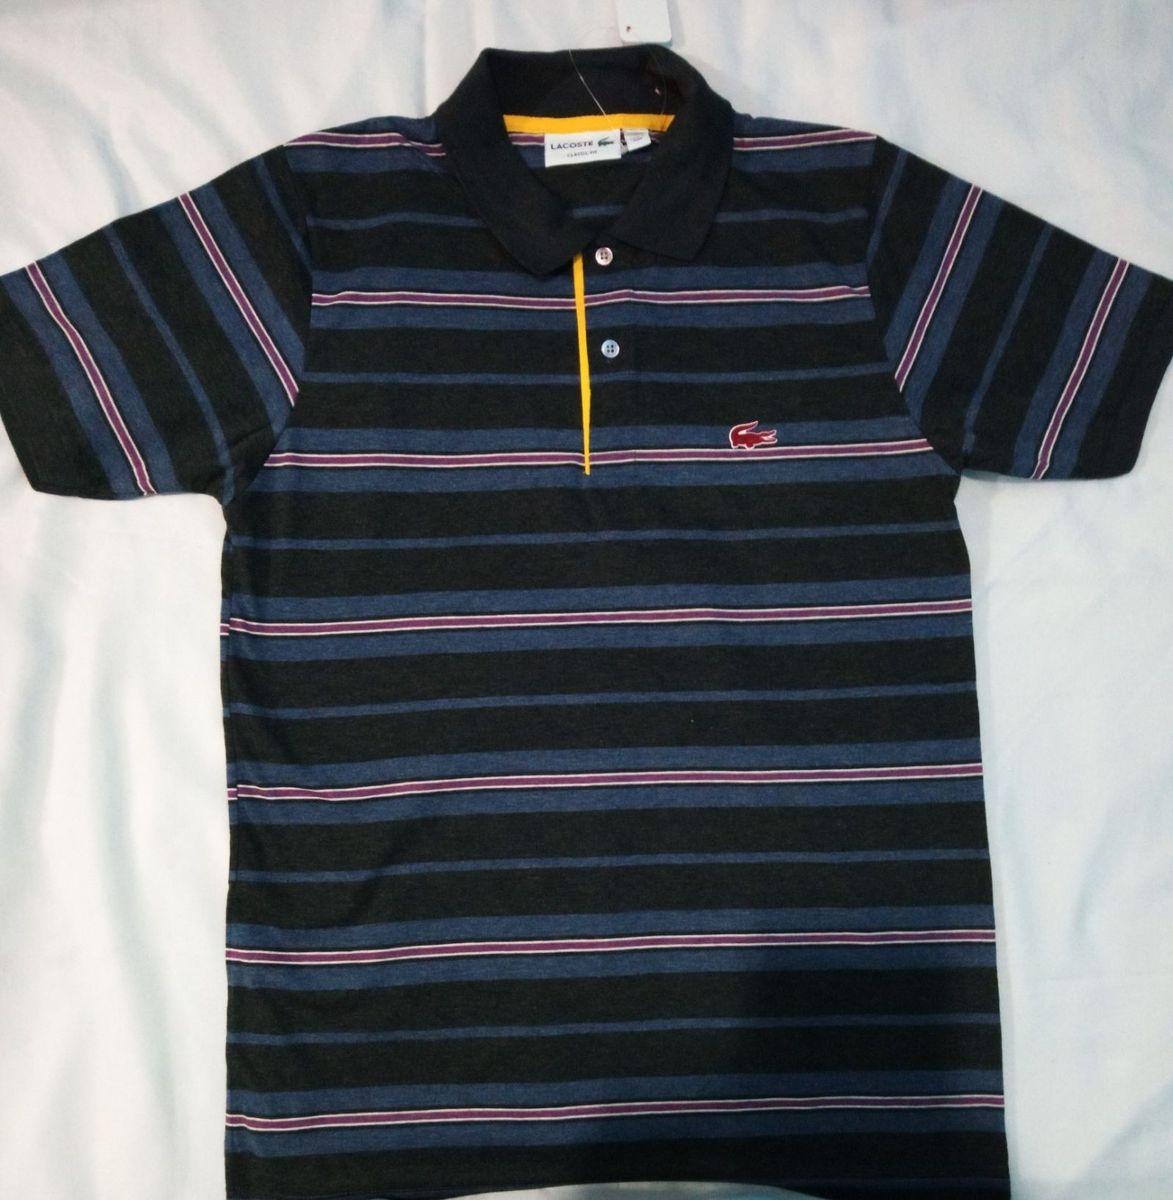 e9d5da1c0a camisa polo lalá masculina roxo e azul escuro p - camisas outras